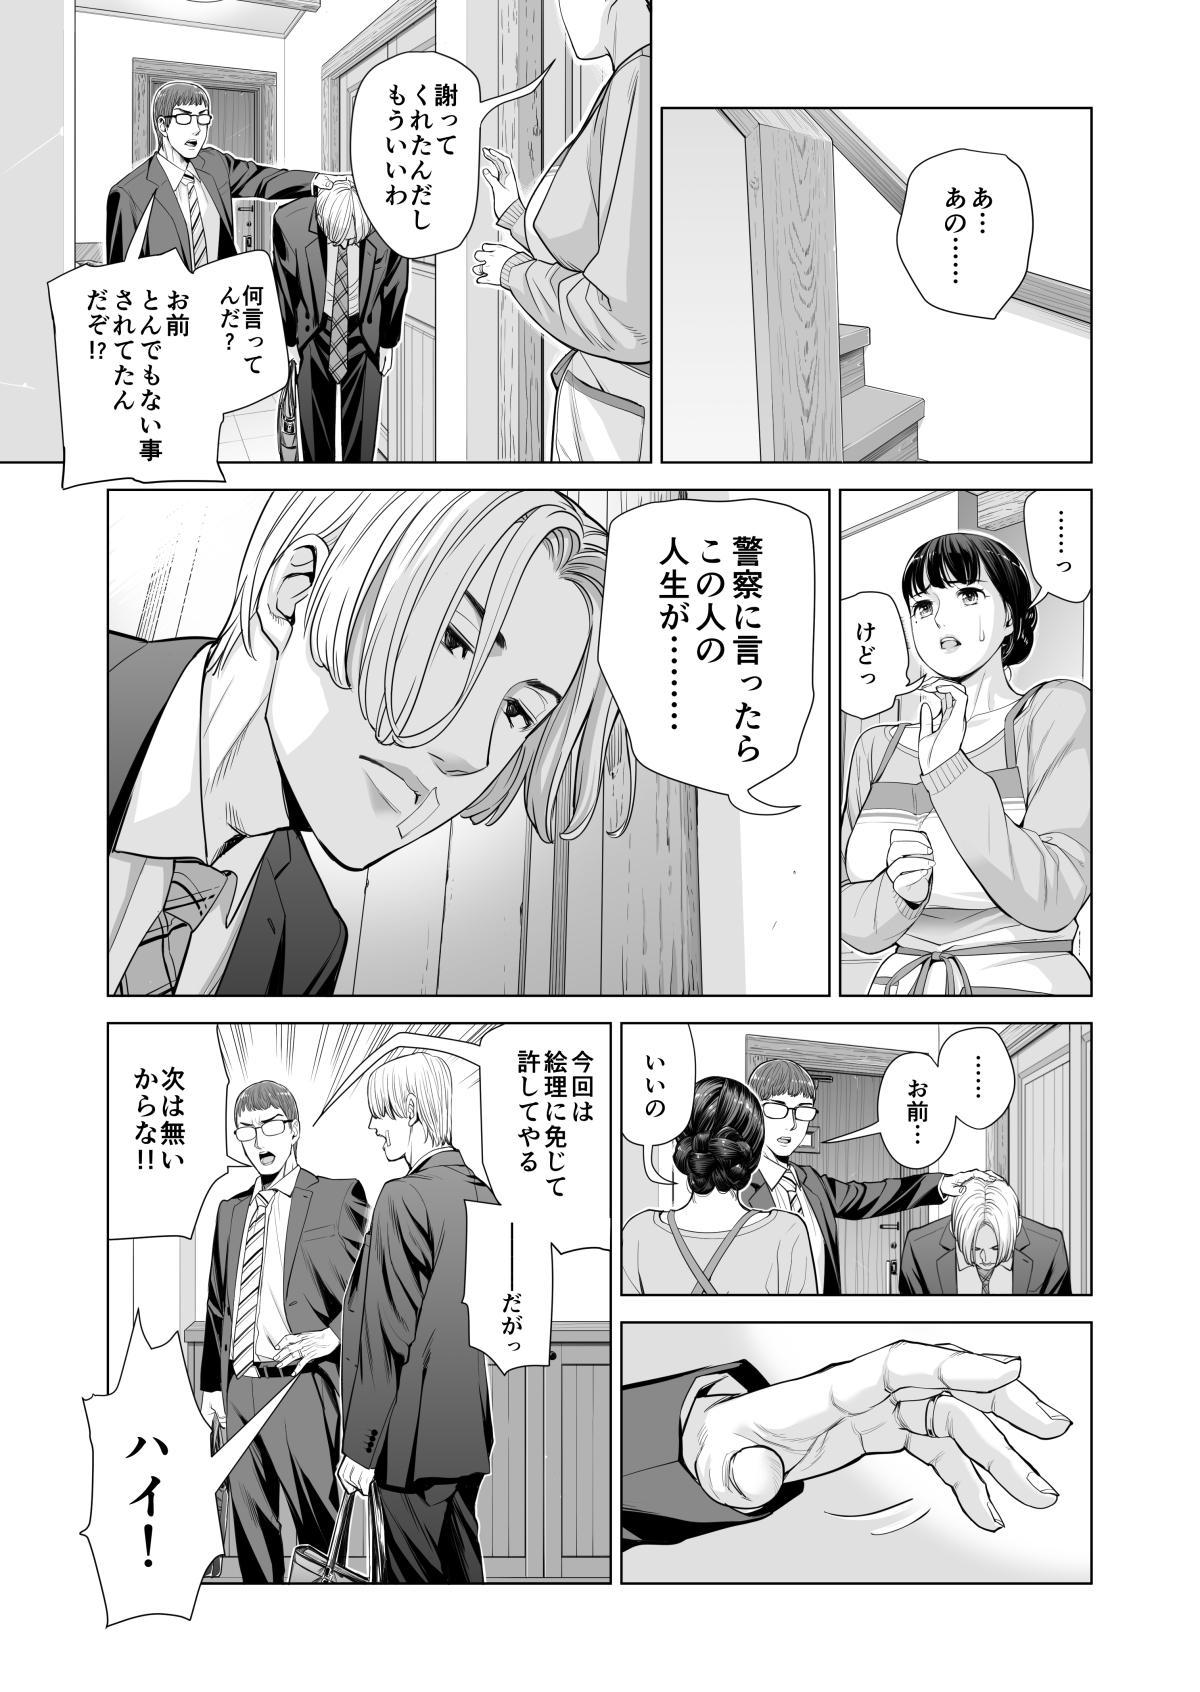 Tsukiyo no Midare Sake 27